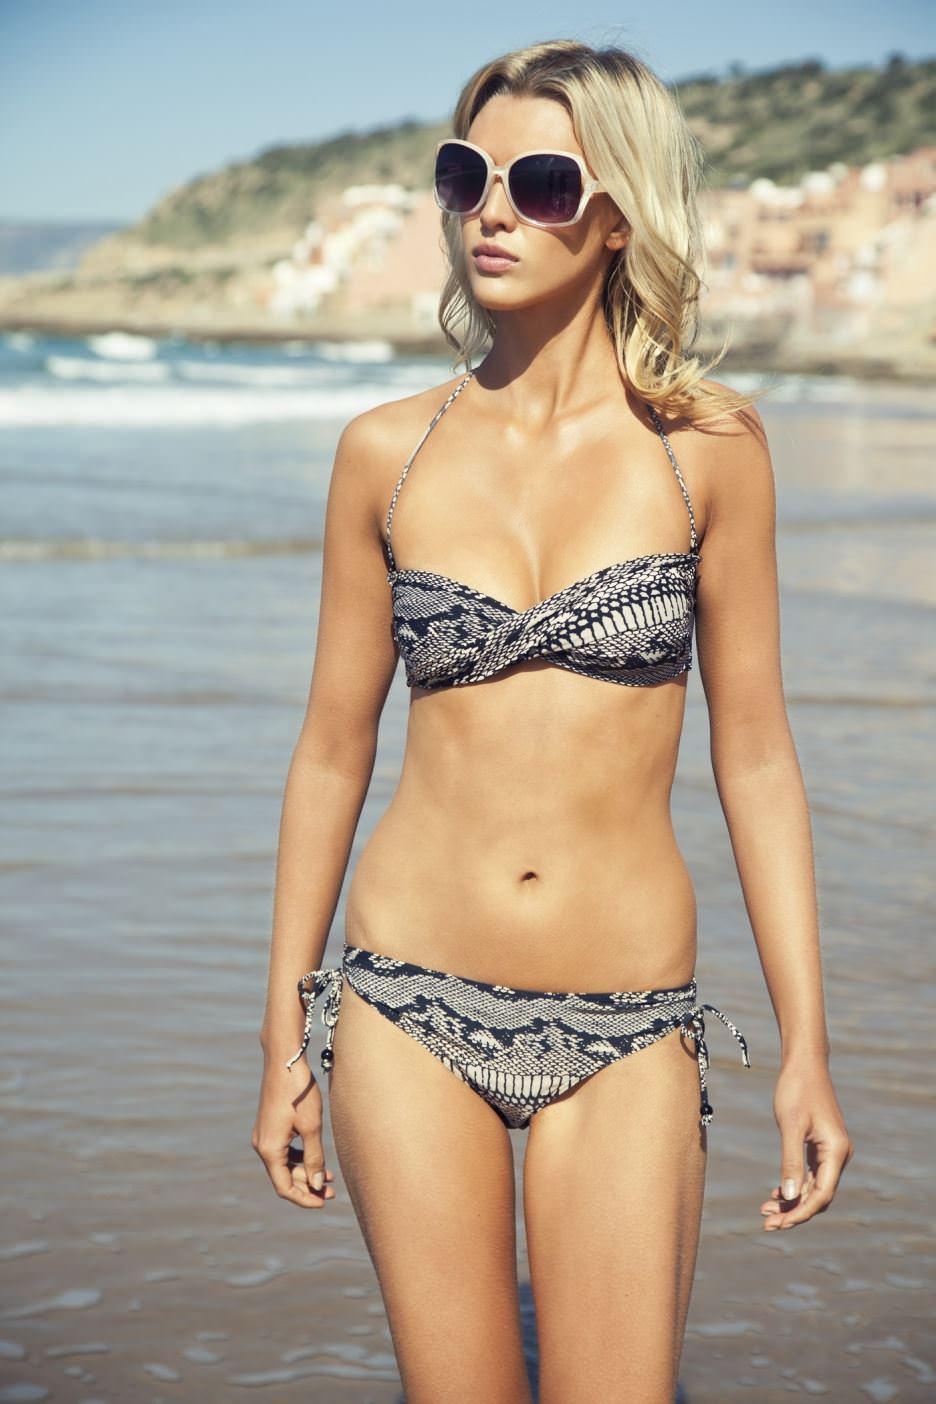 【外人】南アフリカ出身モデルのシェーン·ファン·デル· ヴェストハイゼン(Shane van der Westhuizen)が時折見せるロリっぽさがエロいポルノ画像 973